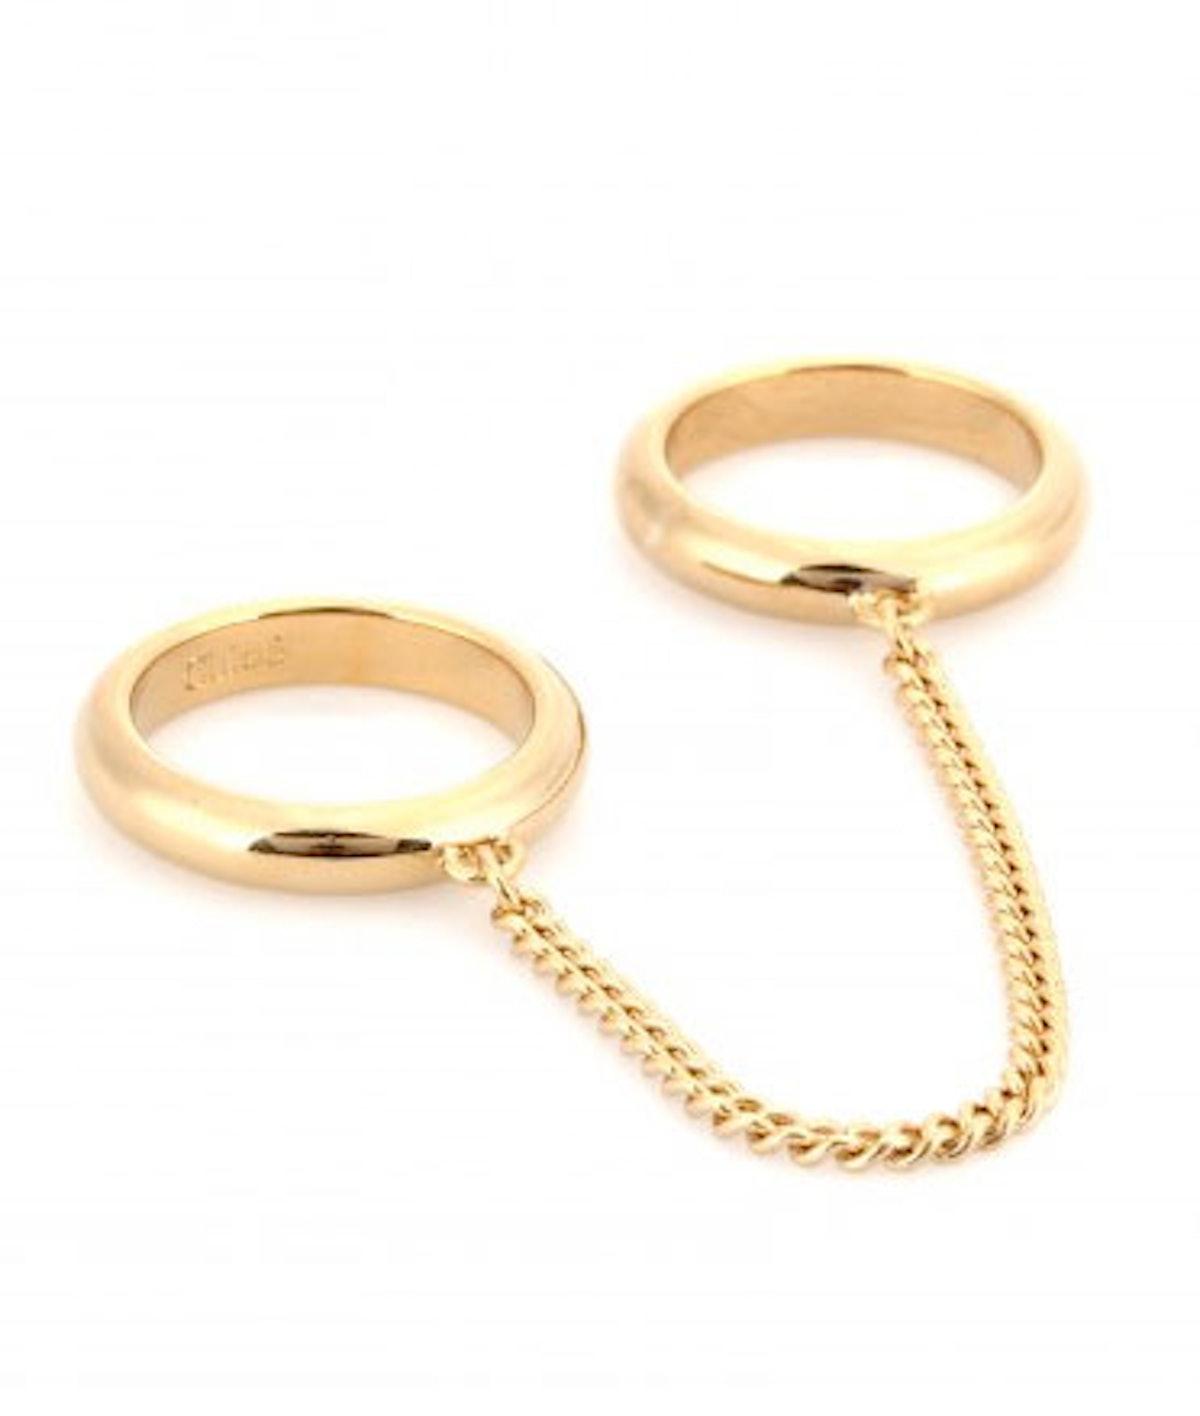 Chloe rings